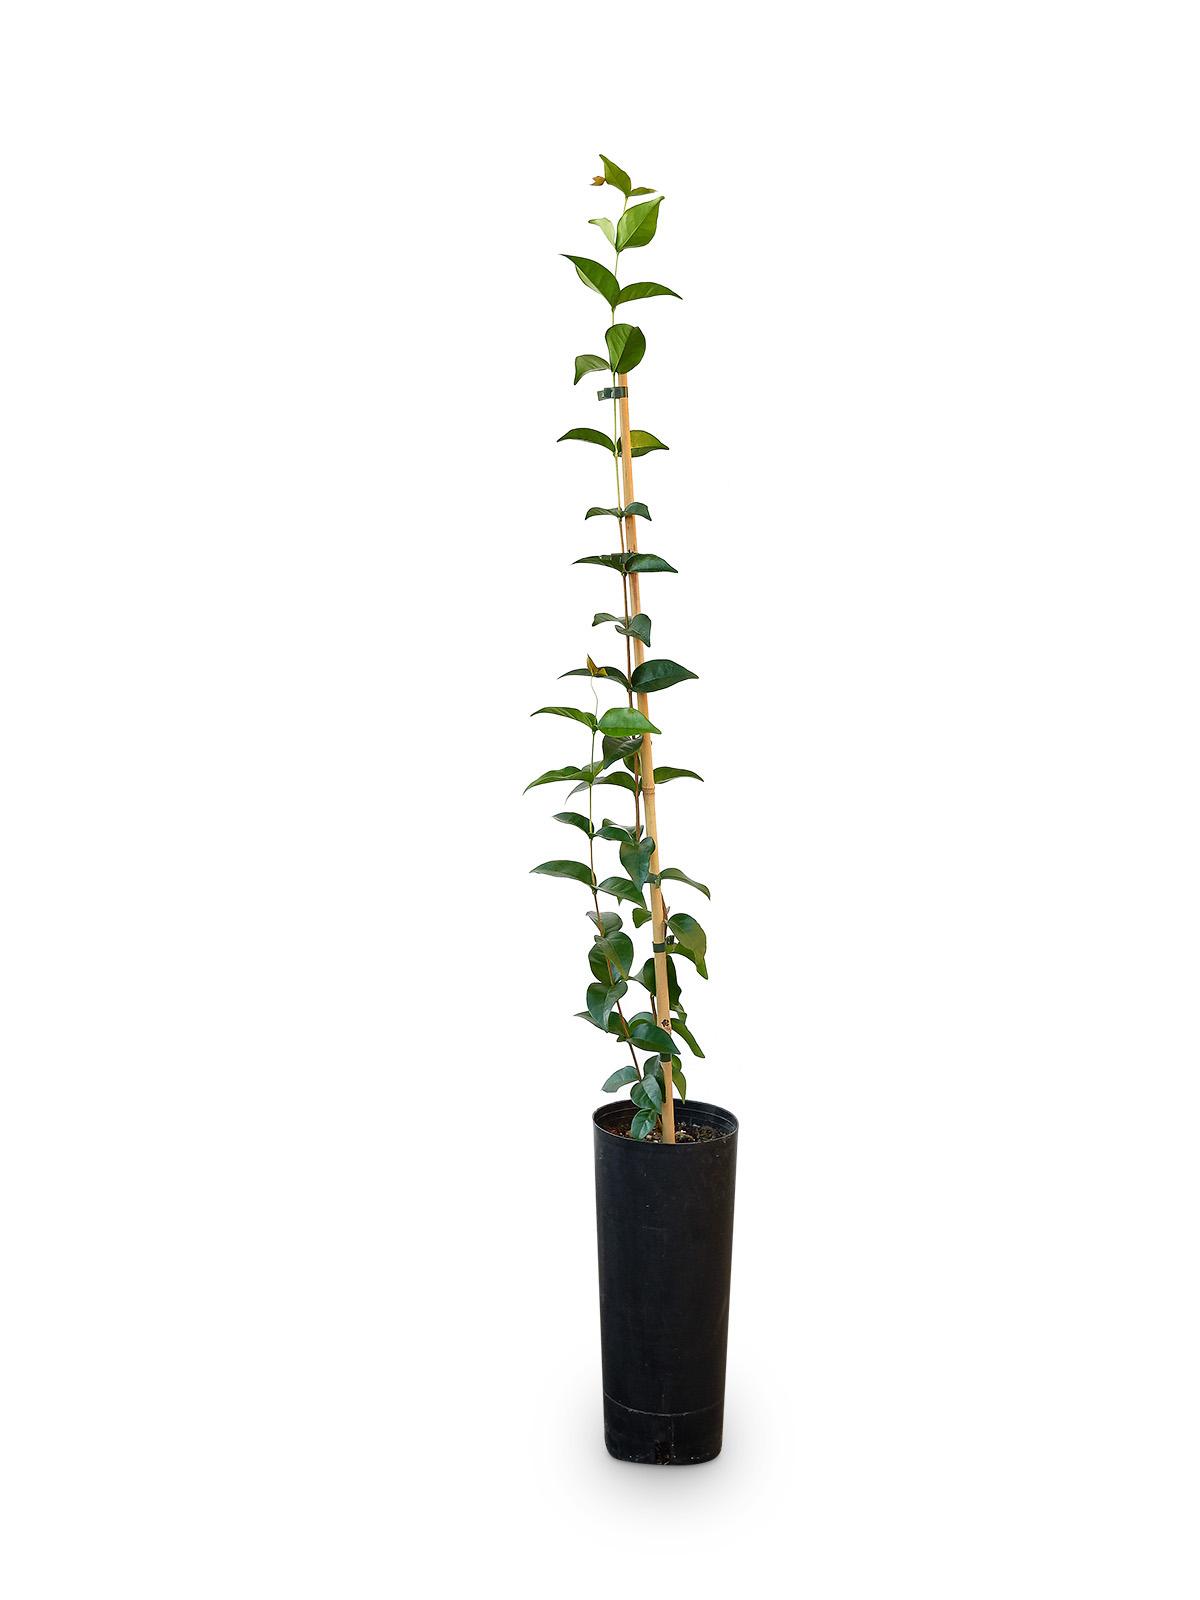 Planta de Pitanga con maceta en vivero